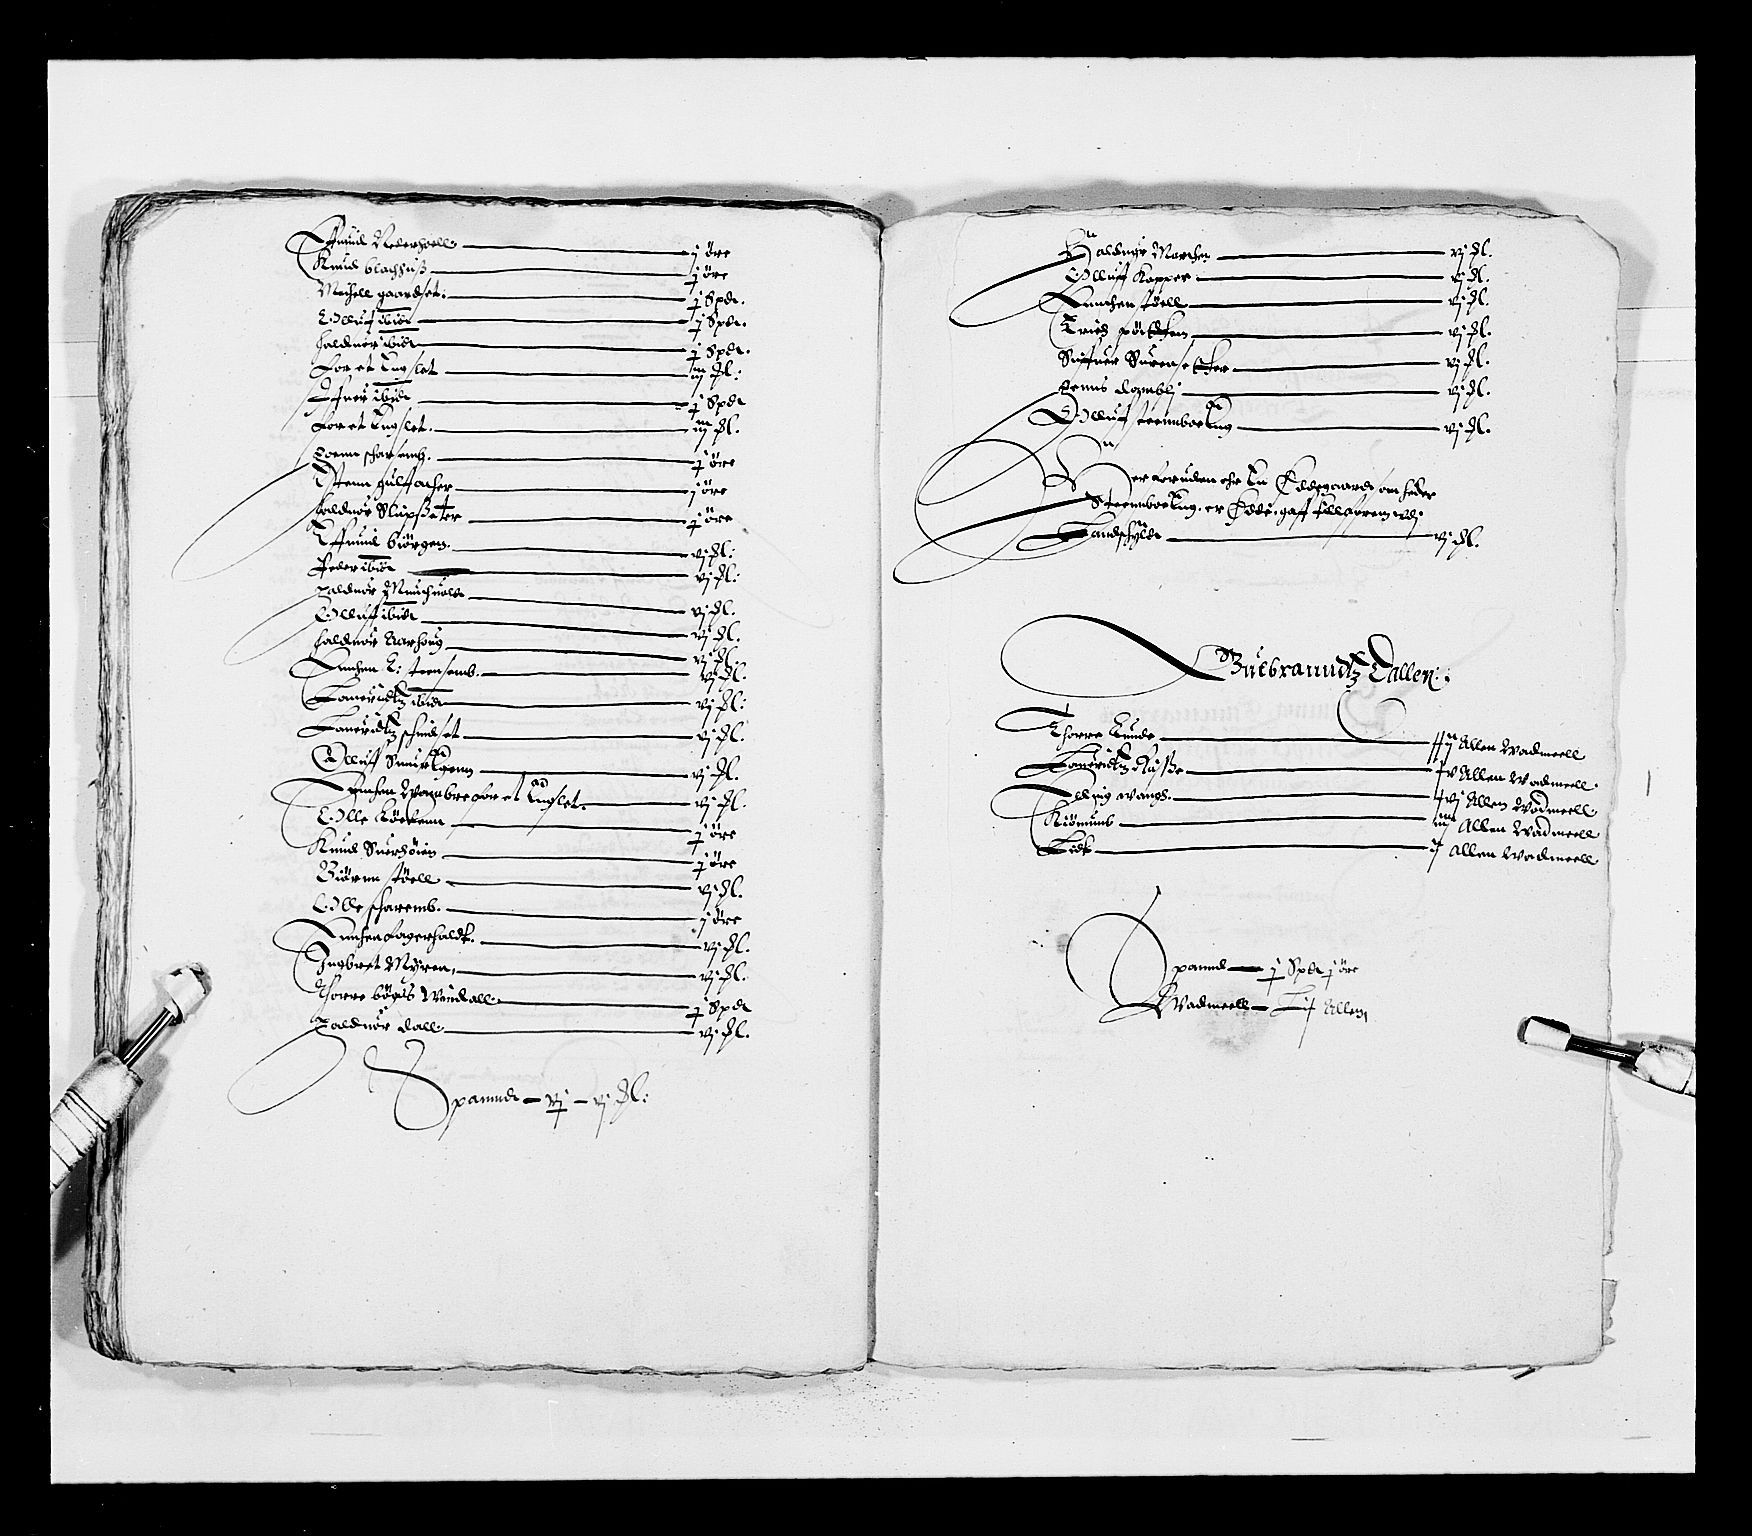 RA, Stattholderembetet 1572-1771, Ek/L0028: Jordebøker 1633-1658:, 1645-1646, s. 205